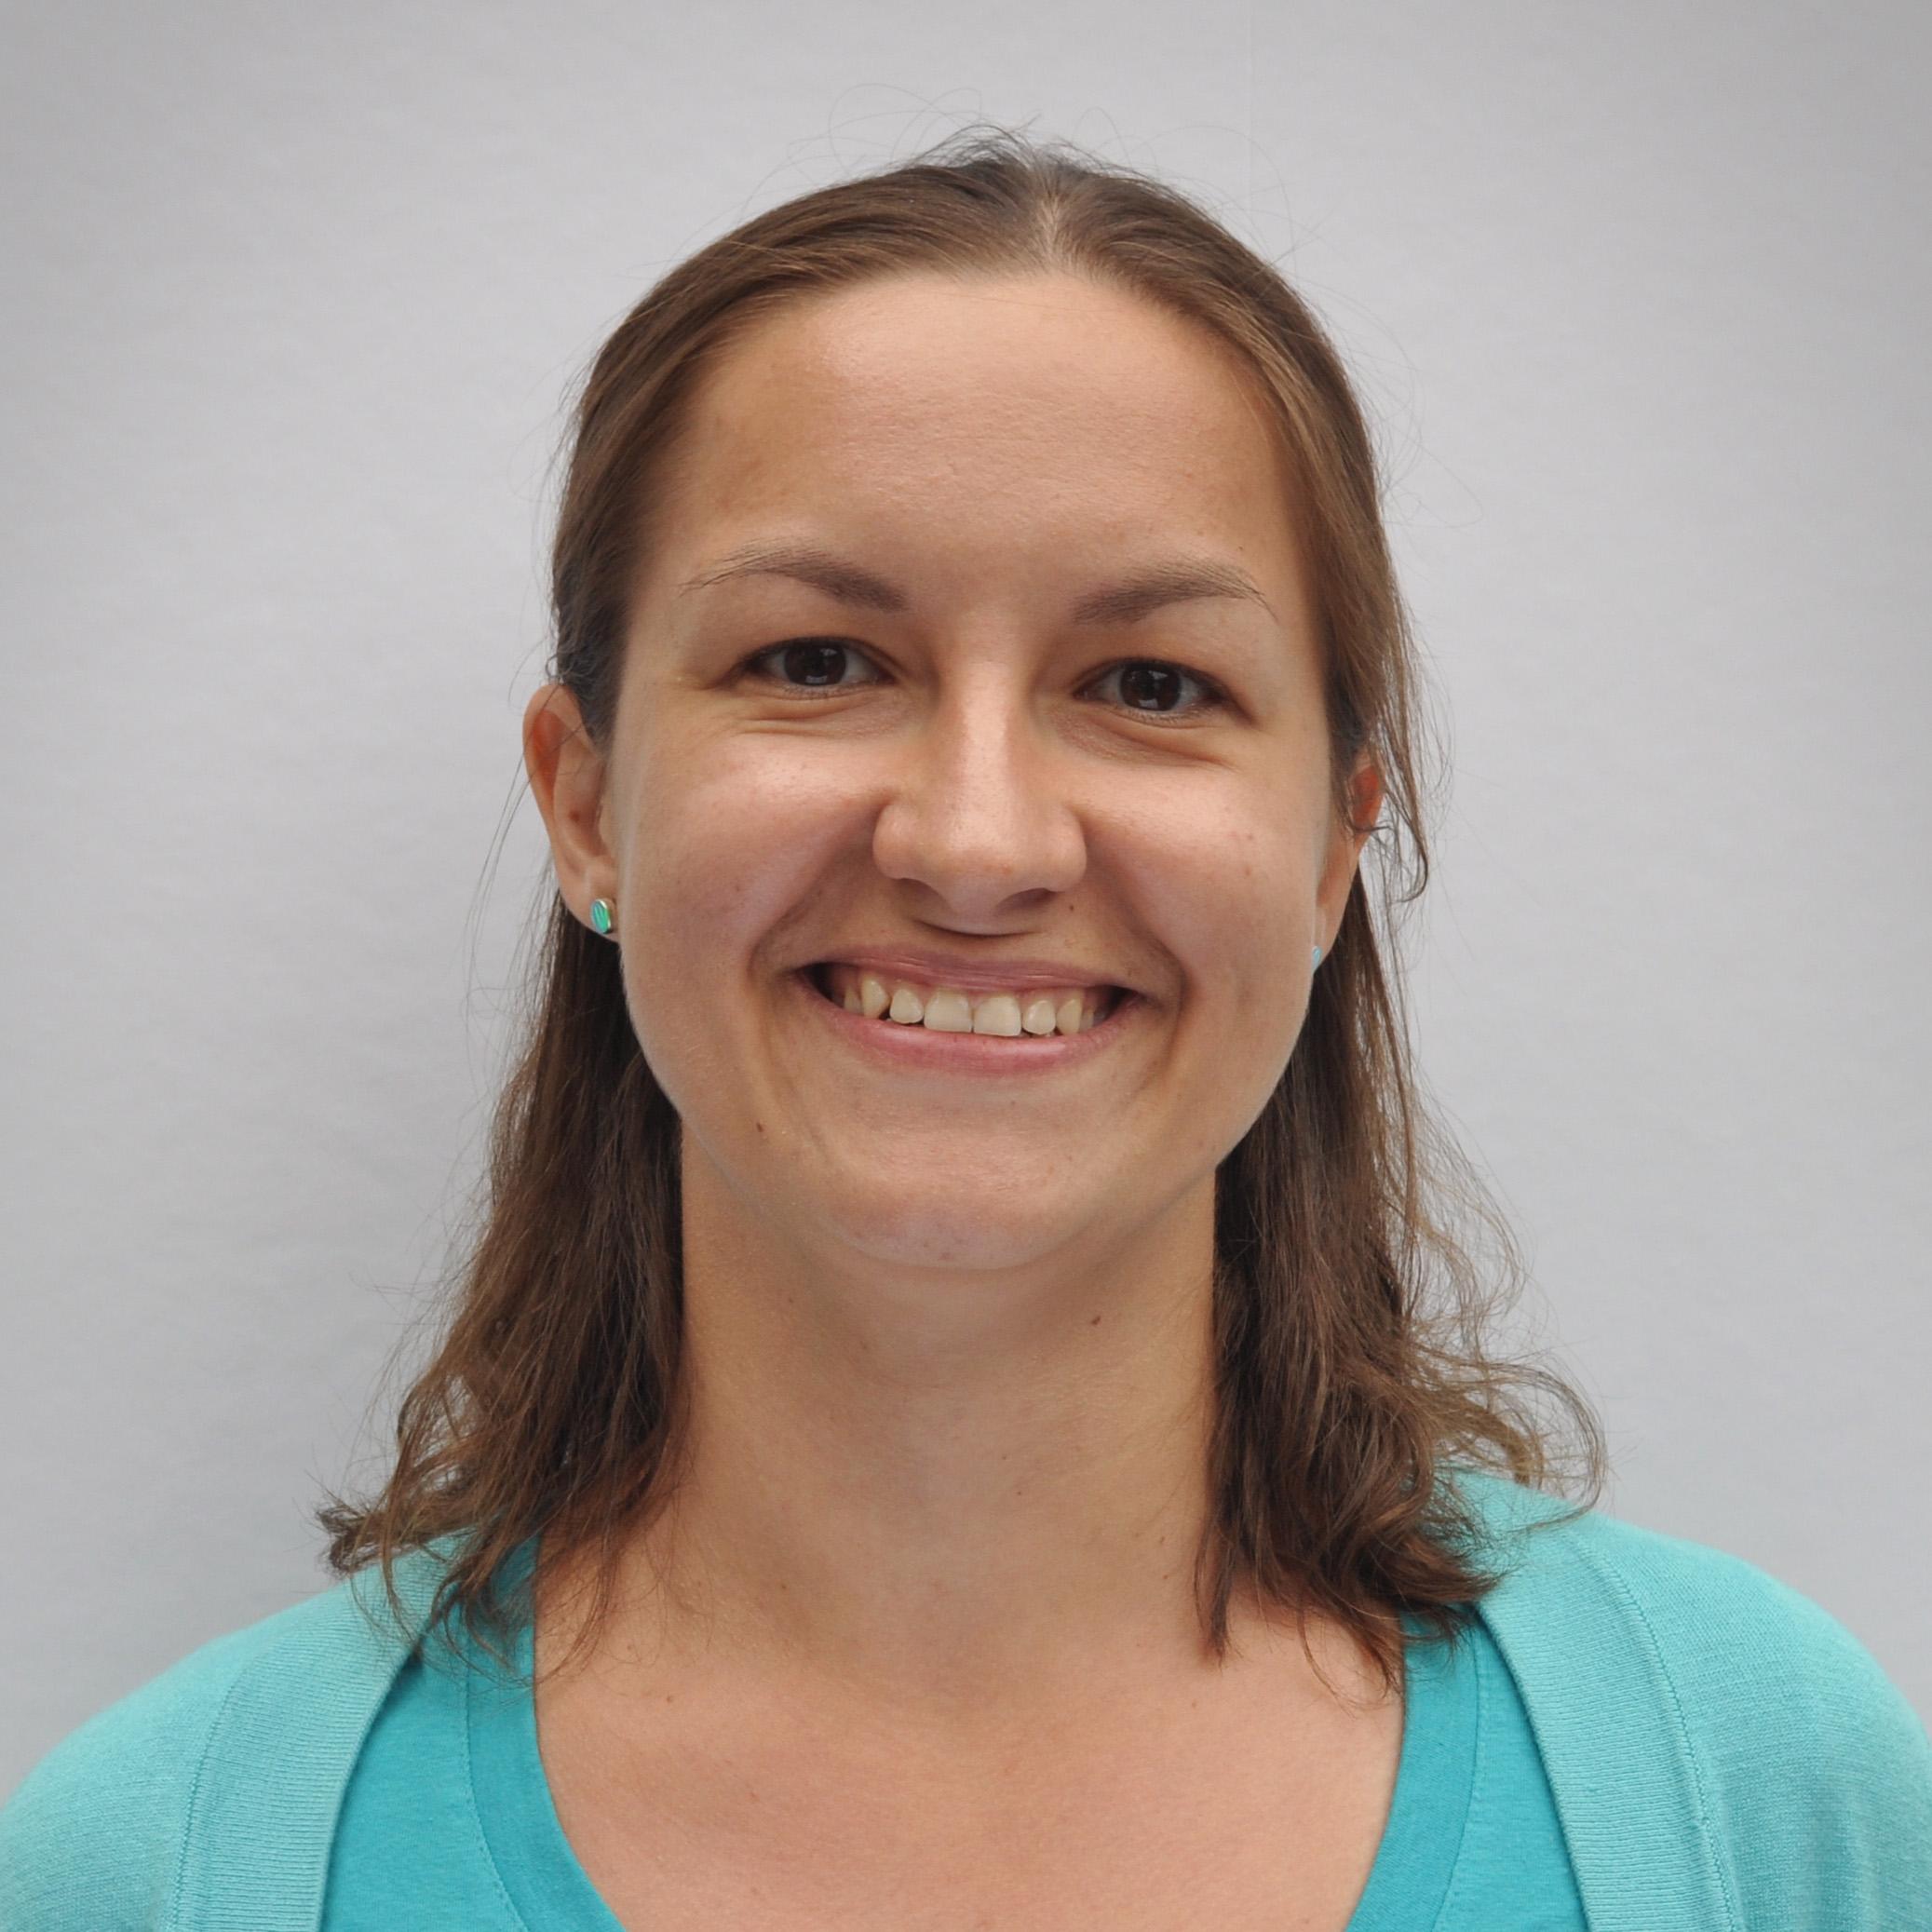 Yana Klimava - Product Designer